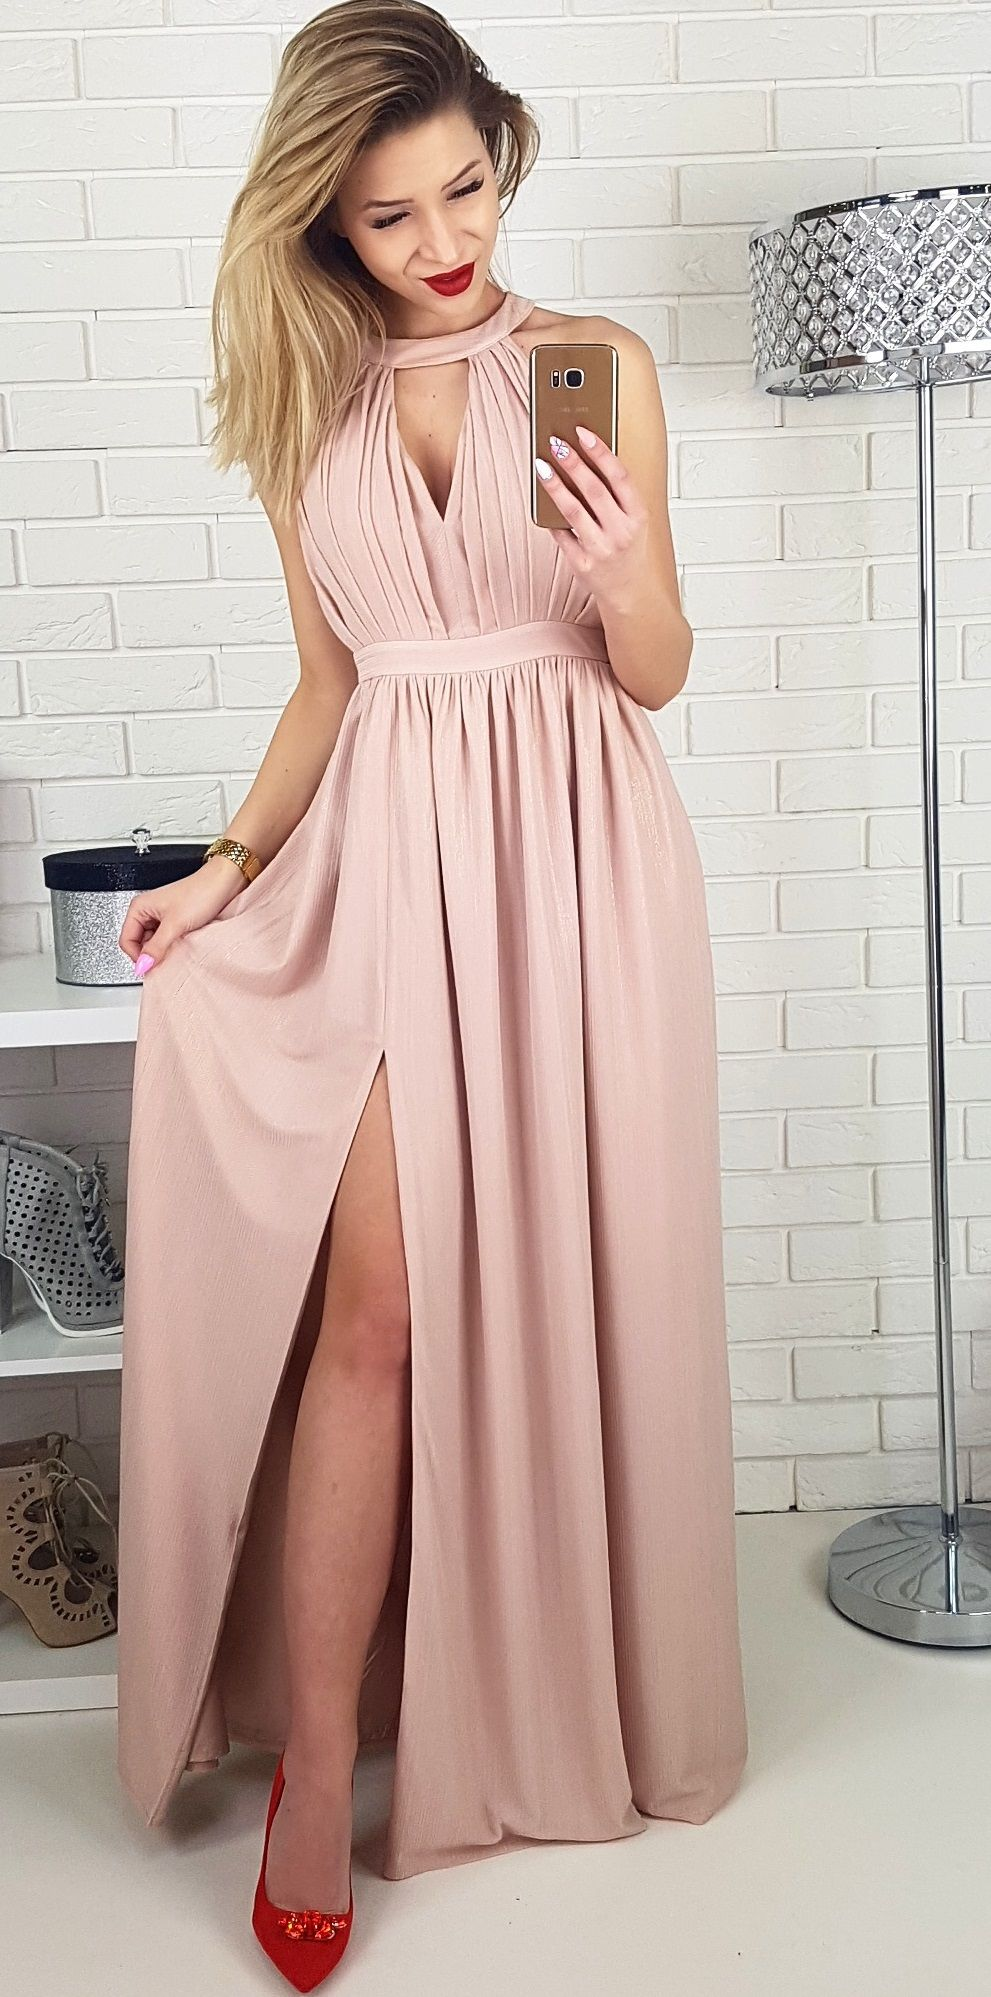 2c113880d6 Elisa-nude-sukienka-rzymianka-dla-druhen-swiadkowych-wesele ...